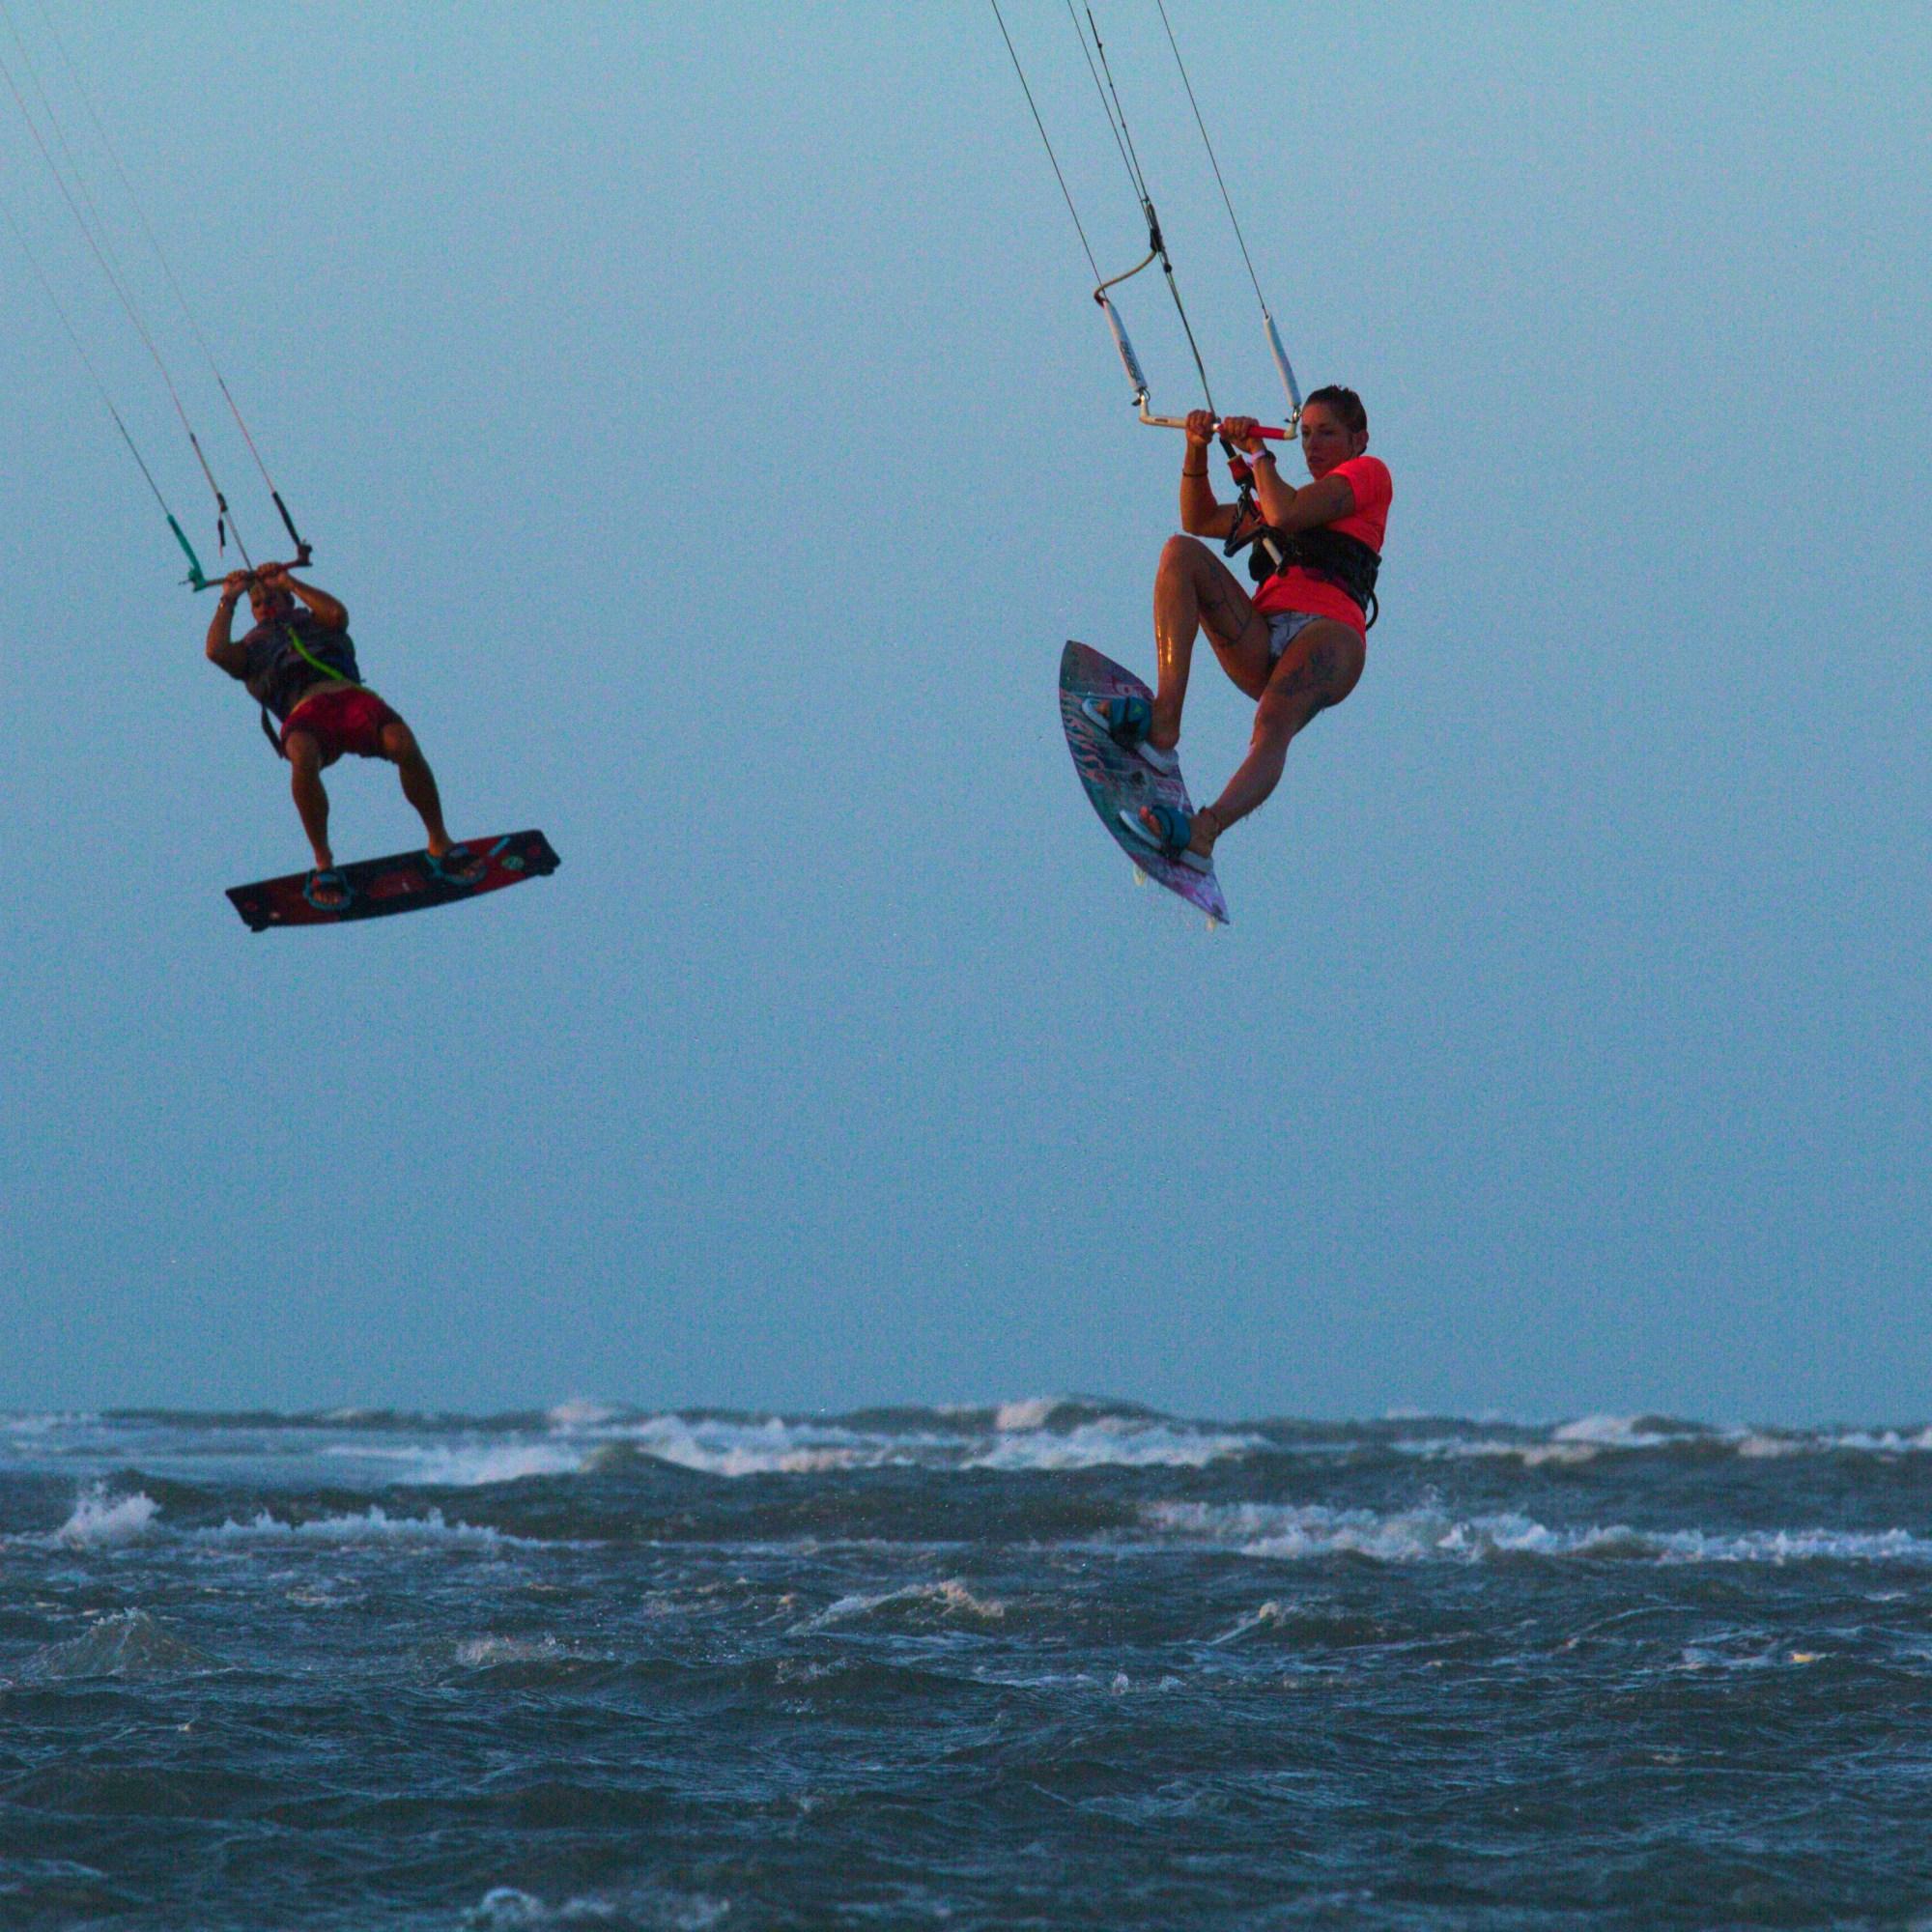 Double saut, praia de Macapa, spote de kite surf Brésil